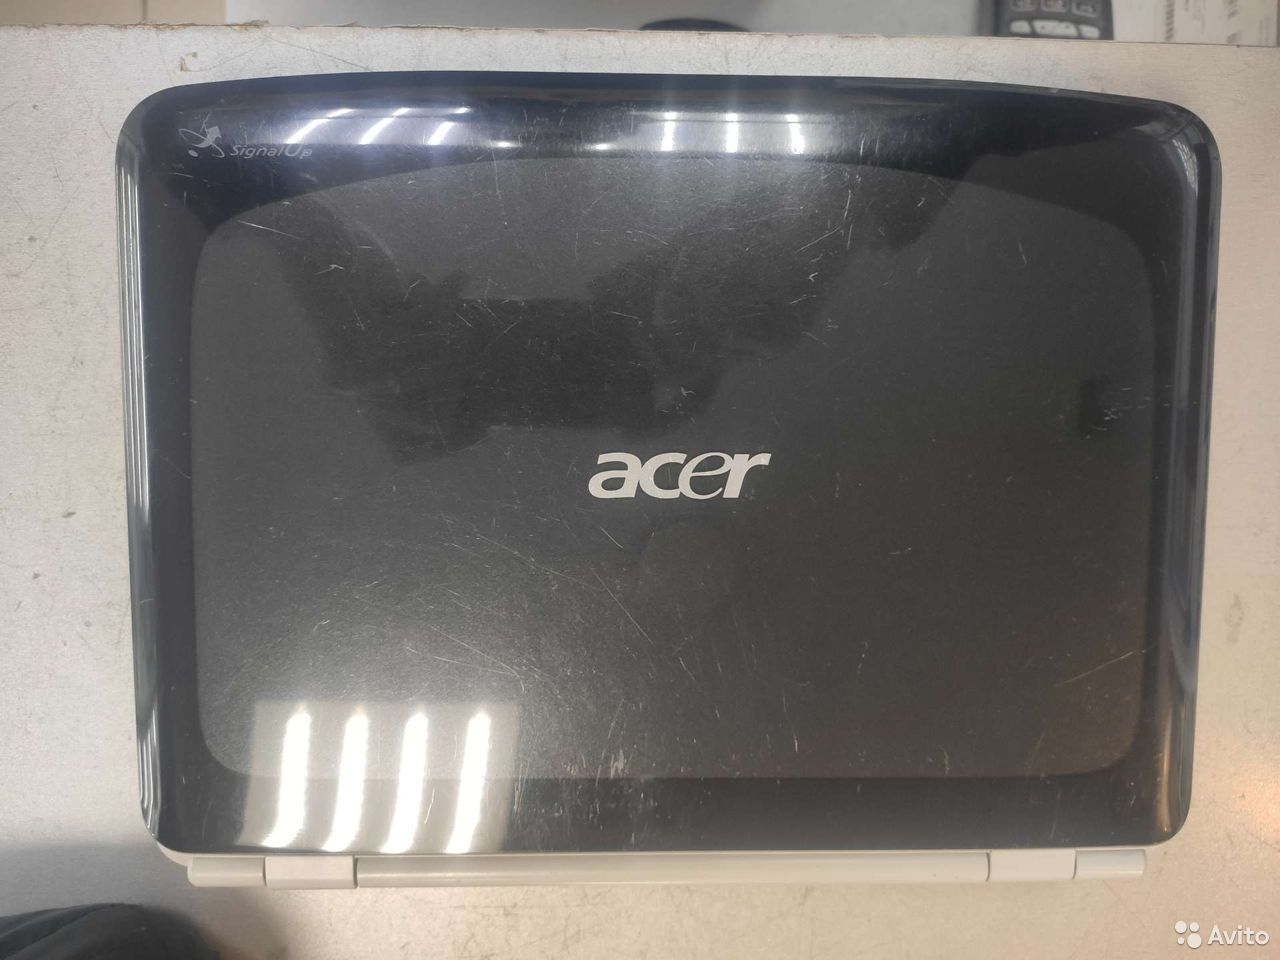 Ноутбук Acer для учебы и работы  89124983558 купить 3